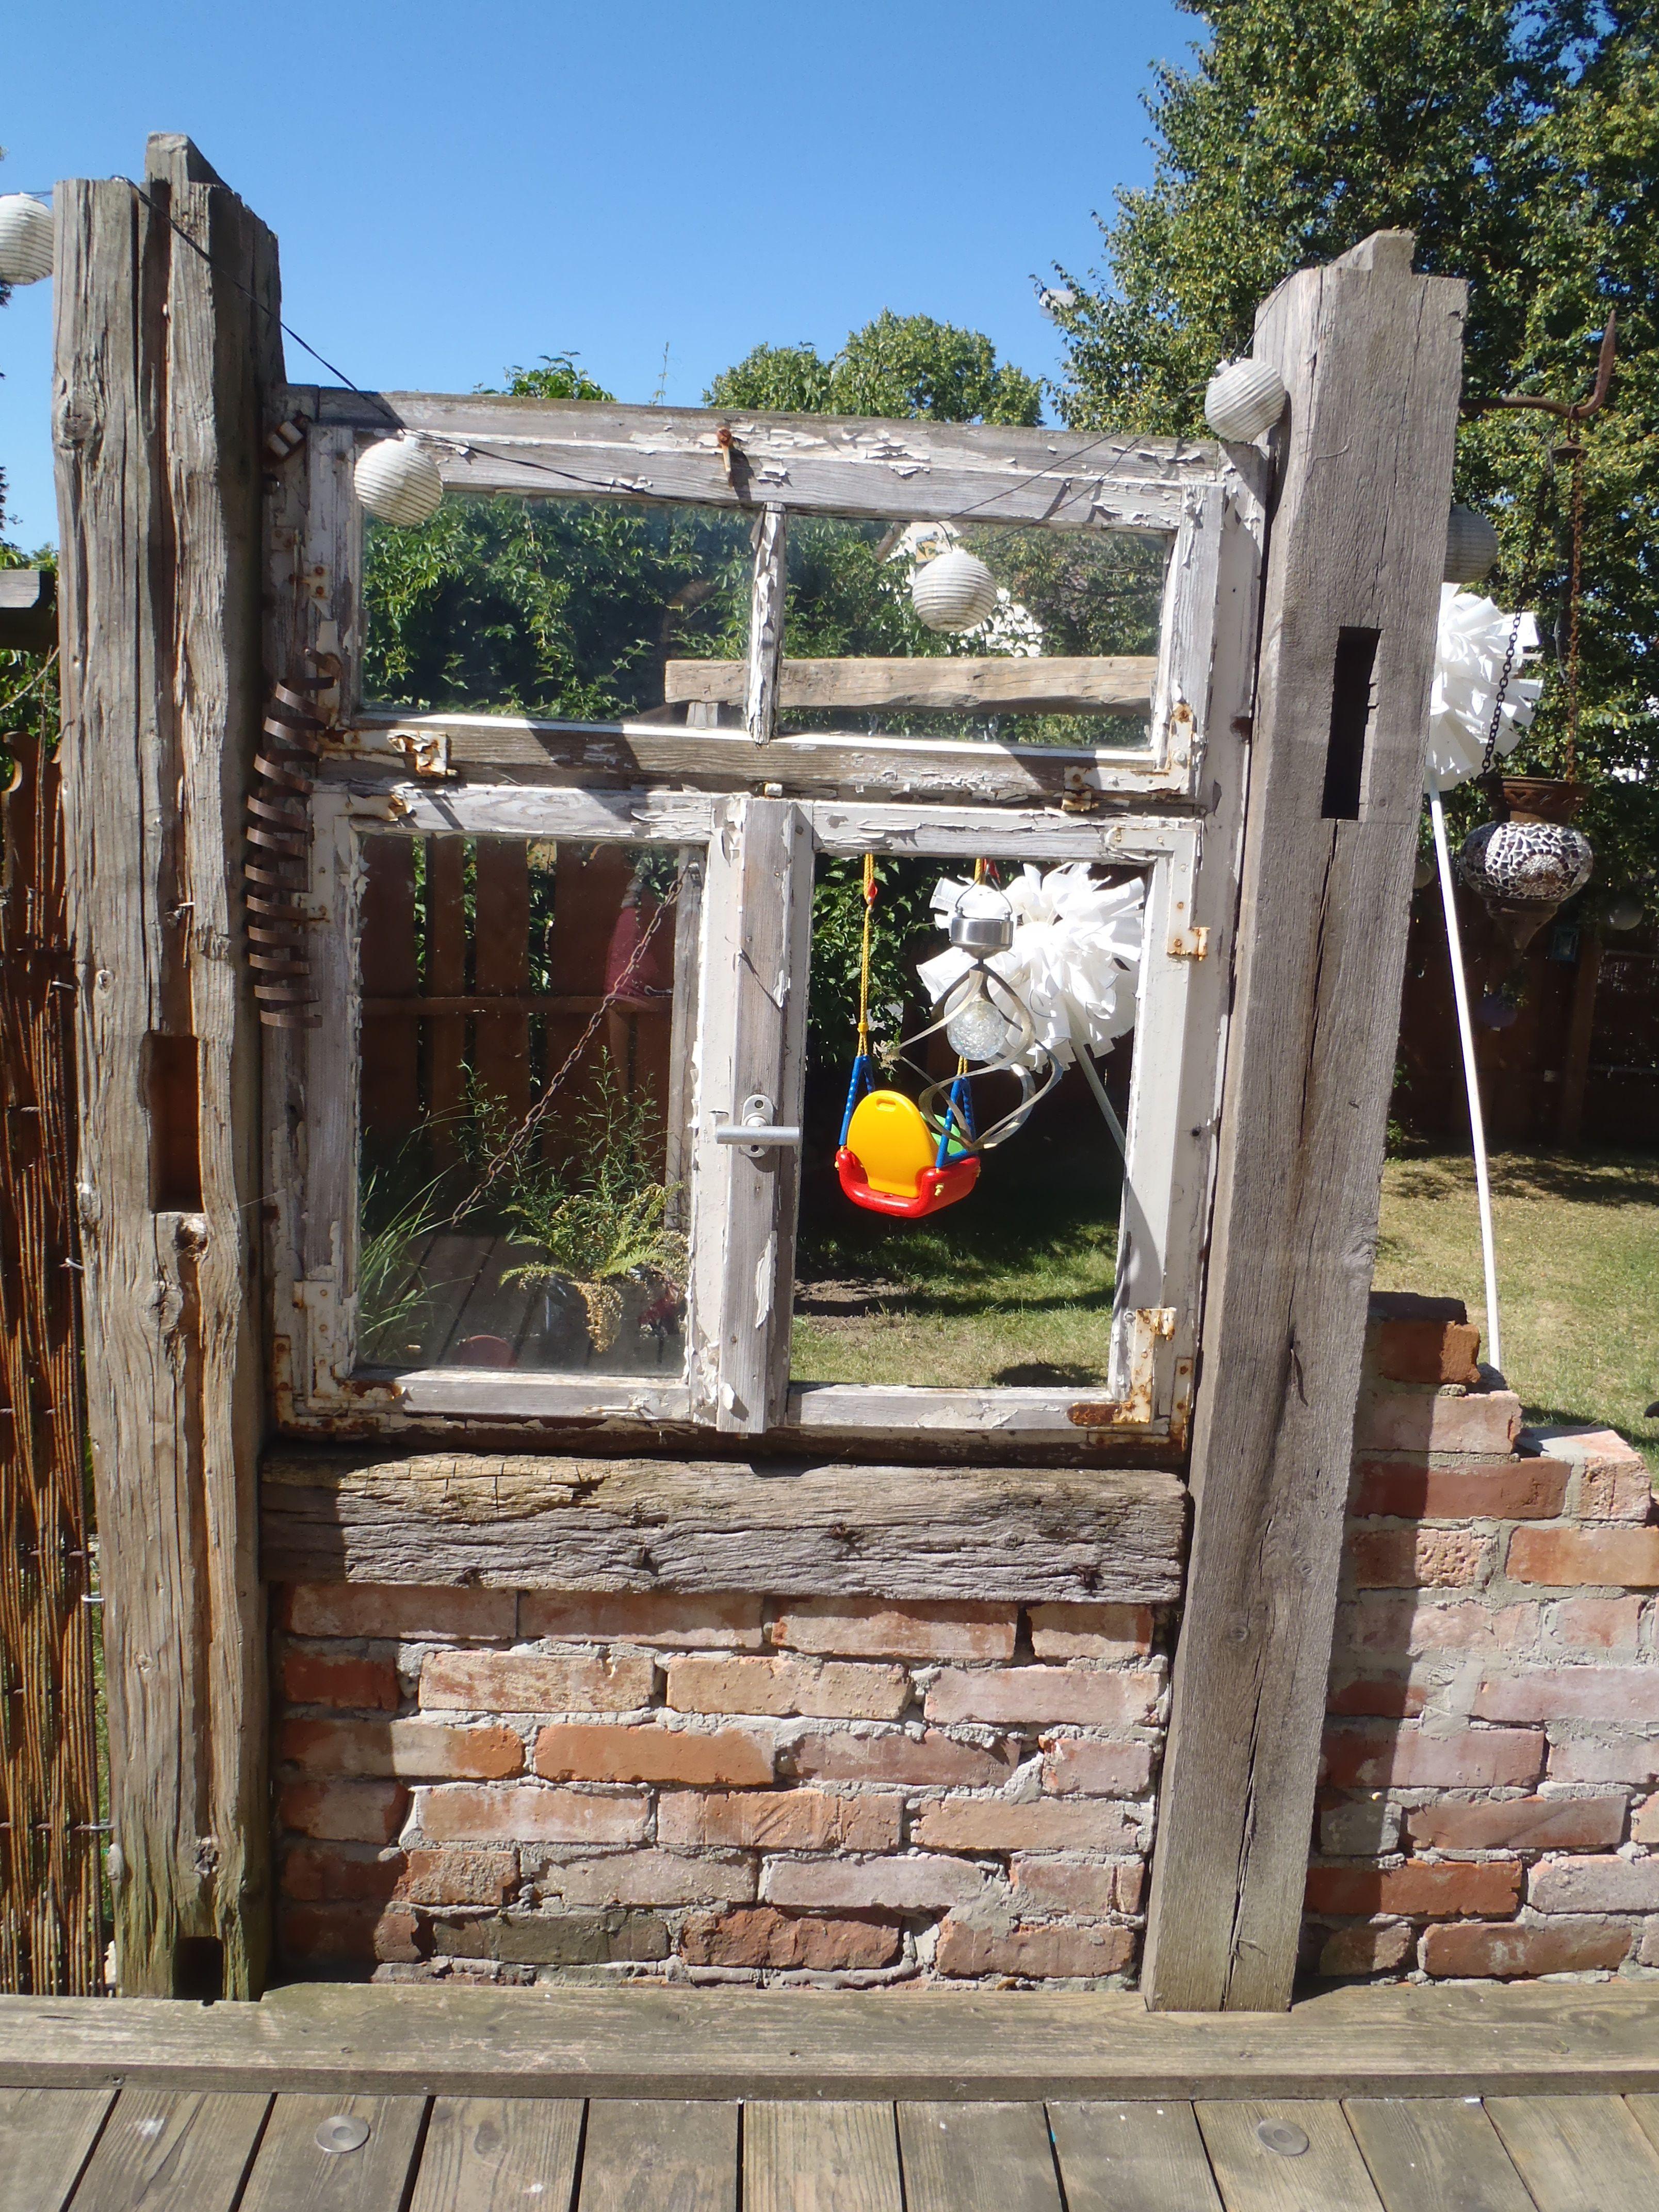 47b3e97953e135b34bbe717173dfc578 (3216×4288) | Ruinenmauer   Garden  Wall Ruin Inspiration | Pinterest | Shabby, Gardens And Garten